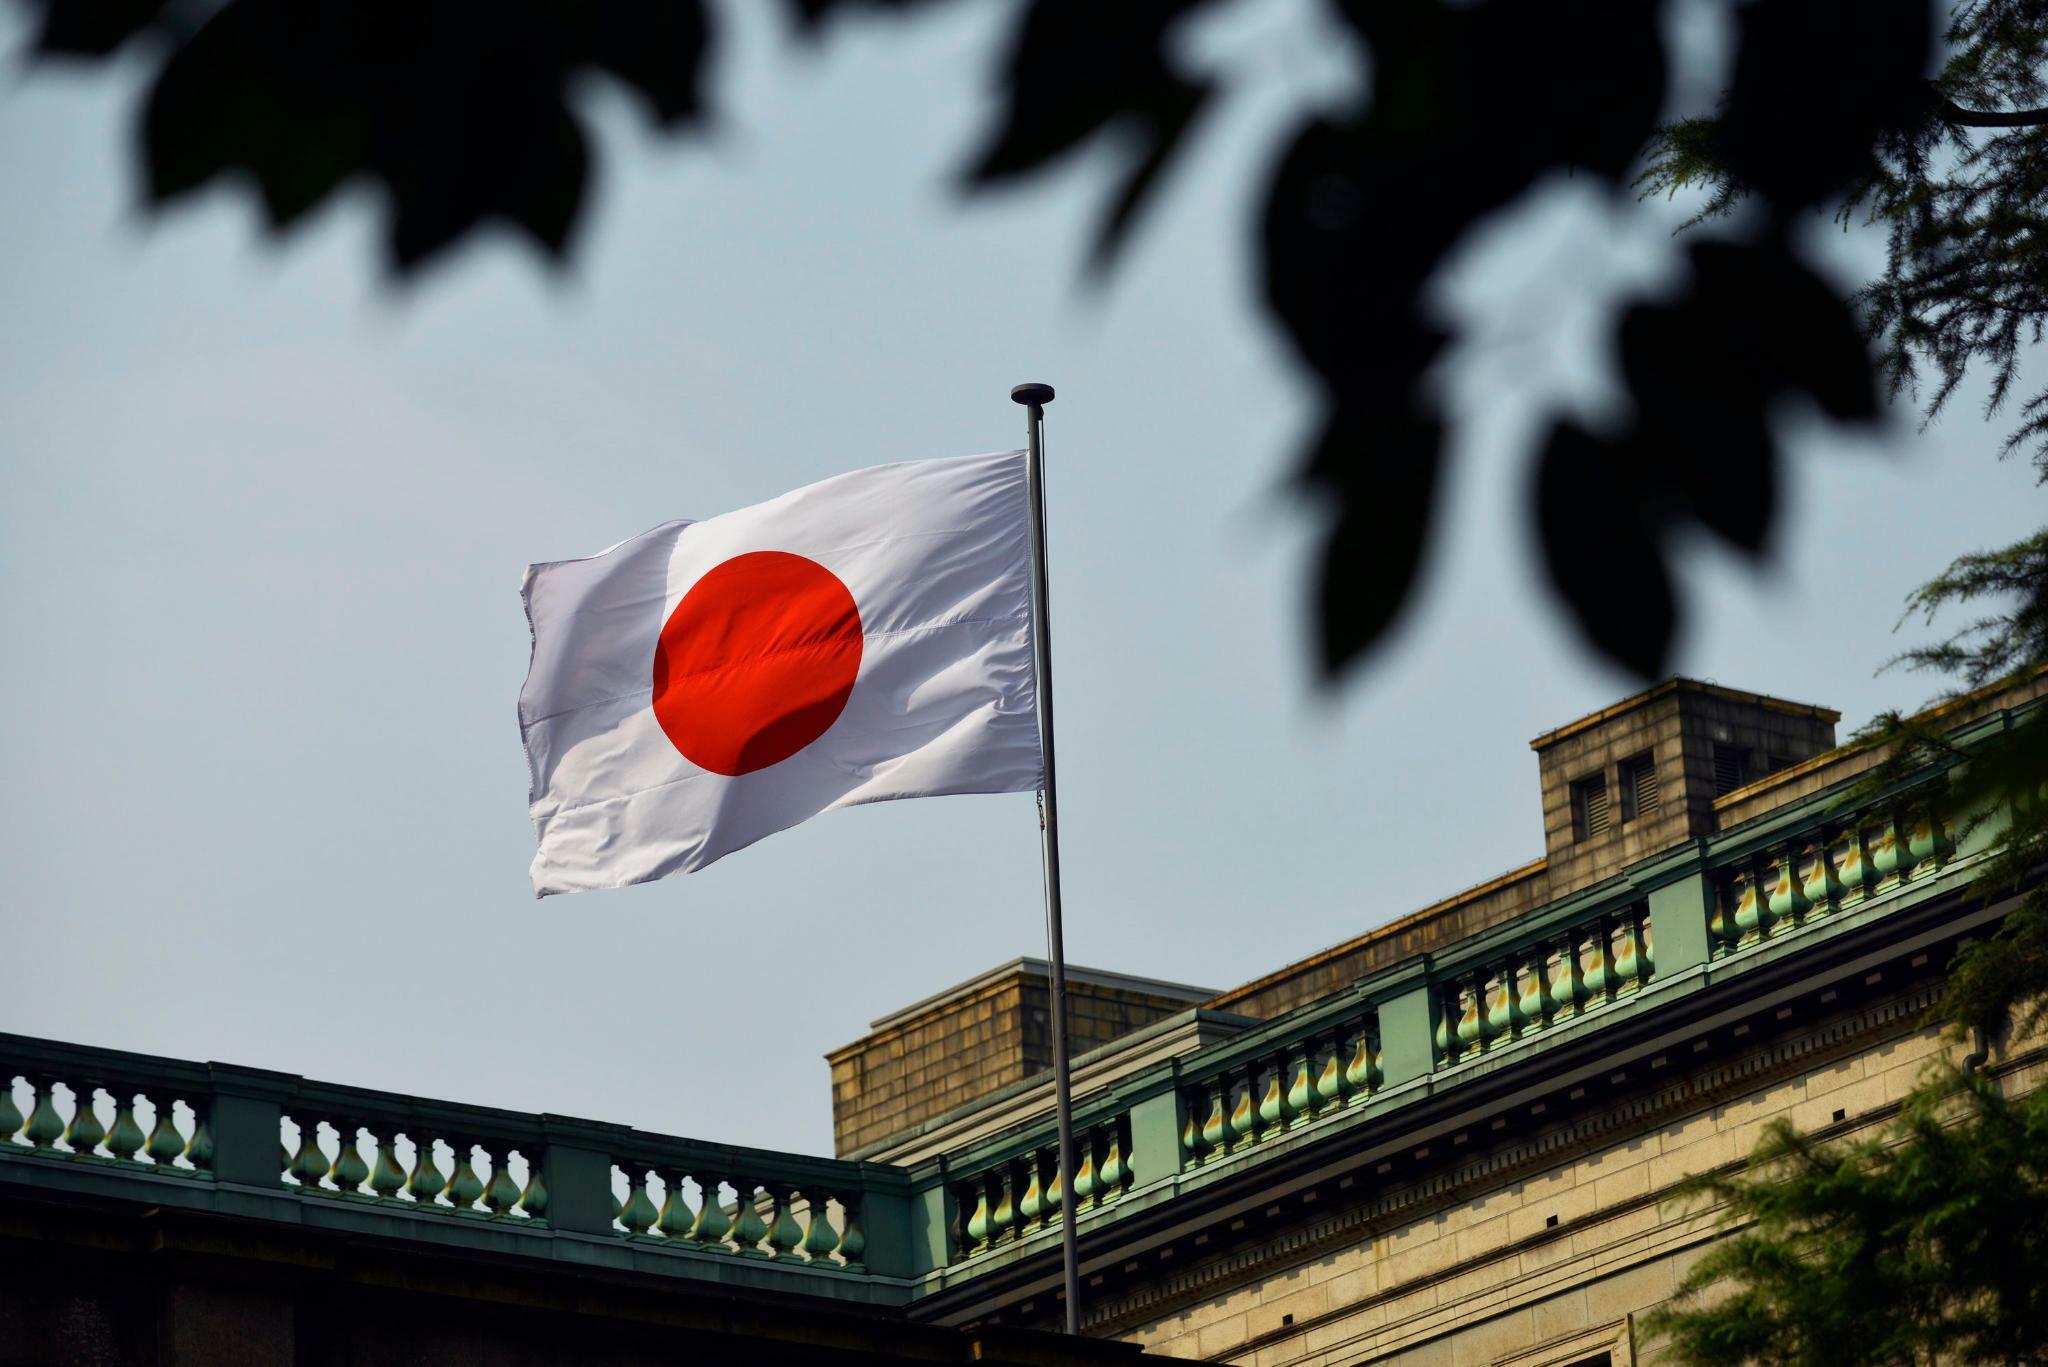 Bank of Japan: Japans Zentralbank hält an lockerer Geldpolitik unverändert fest